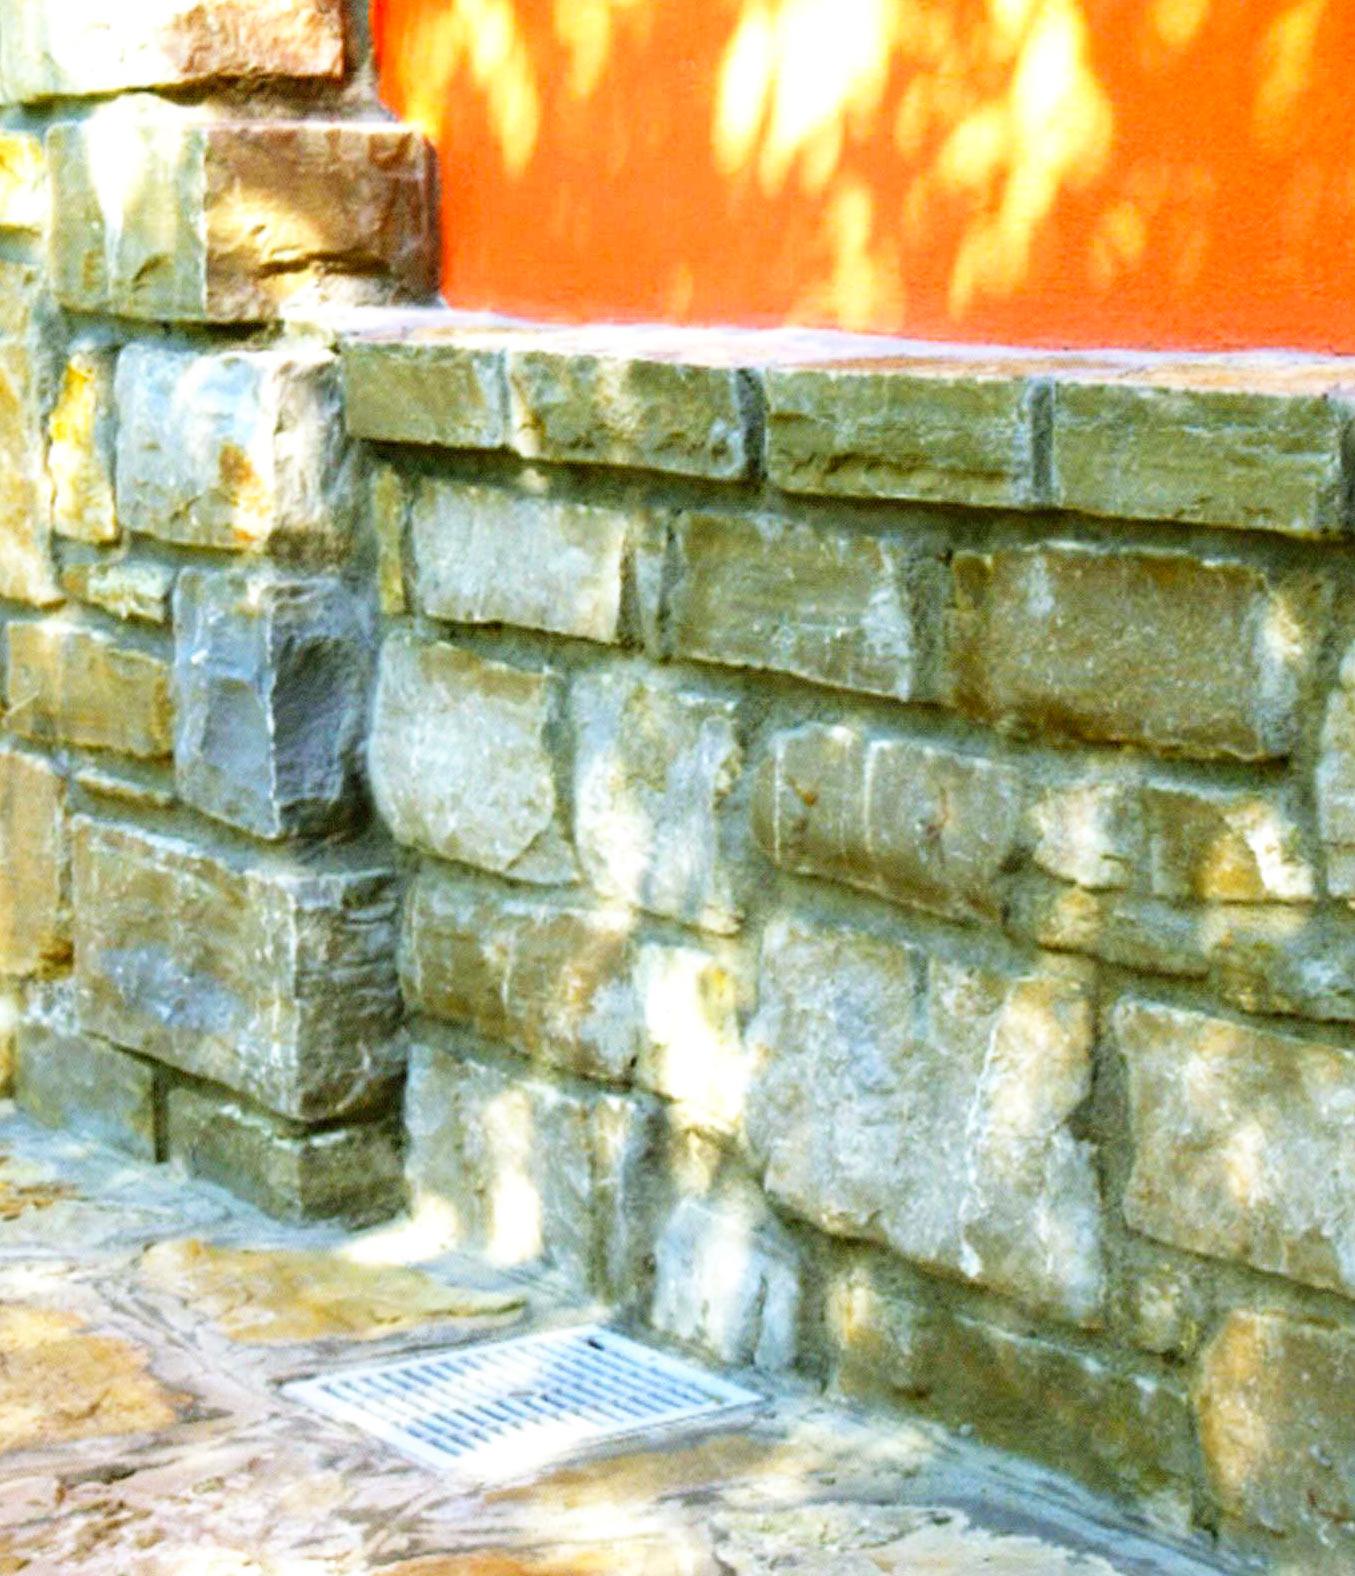 pietra di credaro copertine muretto